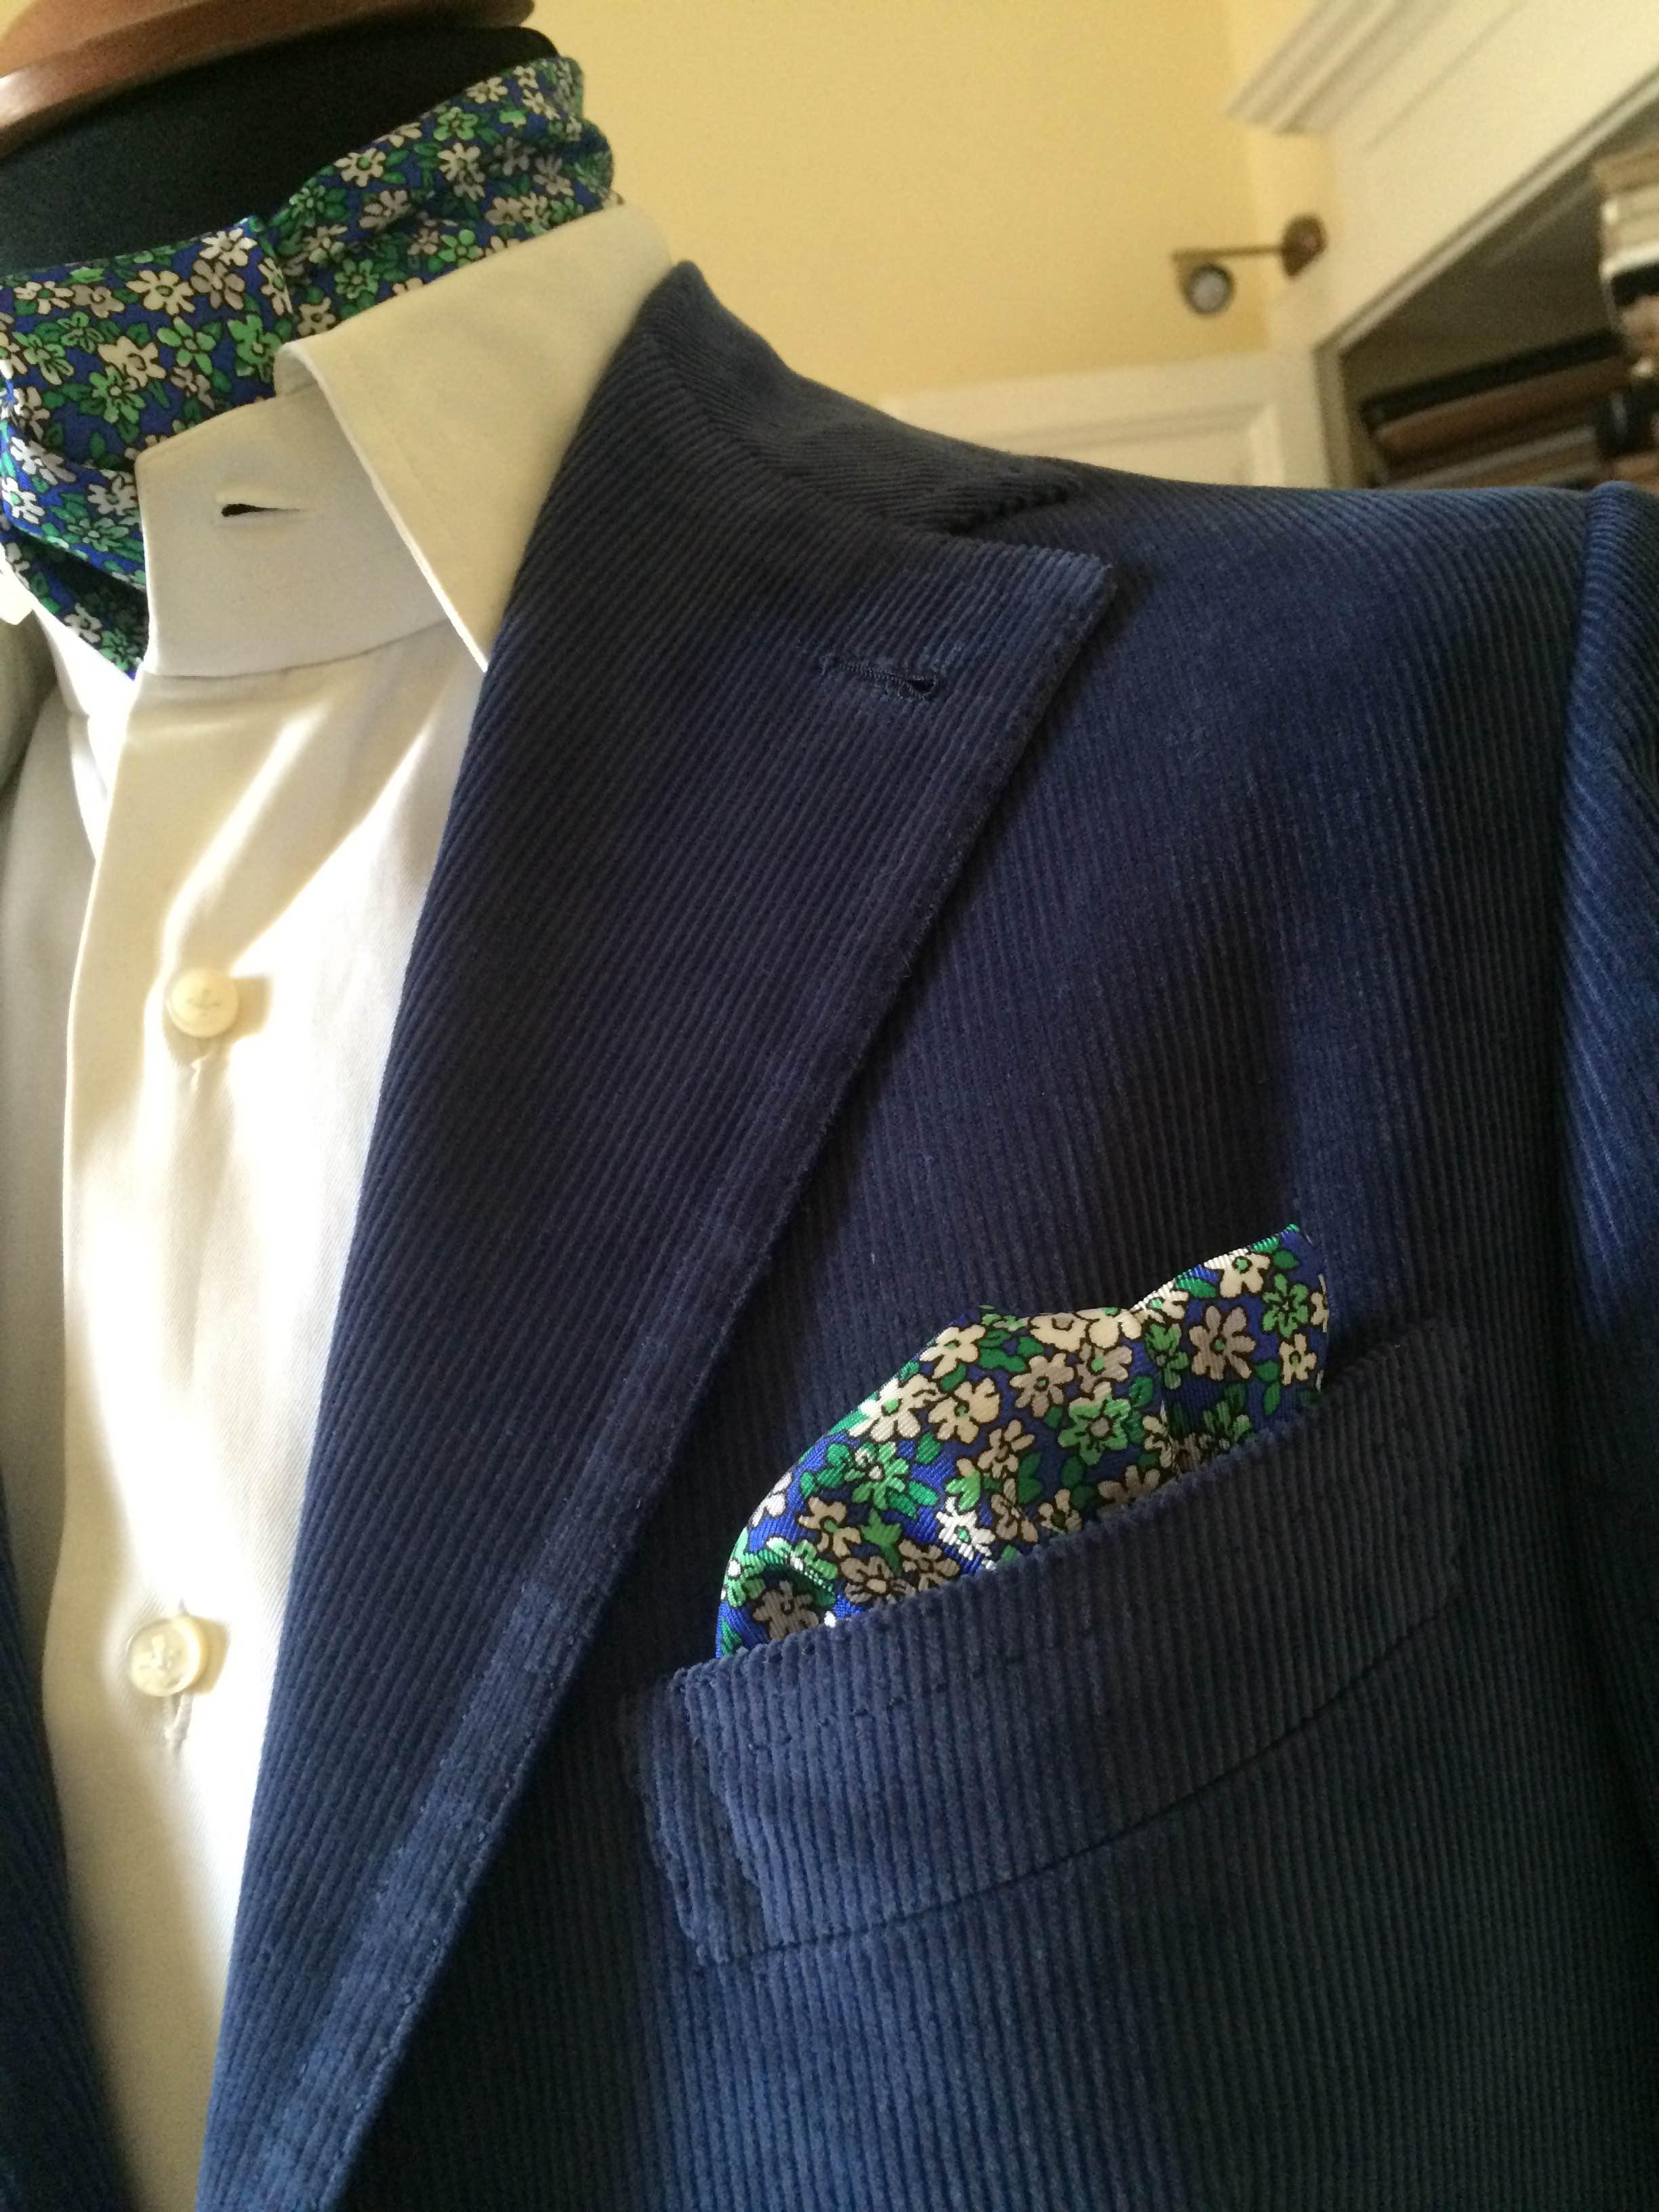 Giacca in velluto azzurro sartoria napoletana Sartoria Antonelli, artigiano, sarto, sartoria lello antonelli, sartoria artigianale, abiti su misura, artigianato napoletano, napoli